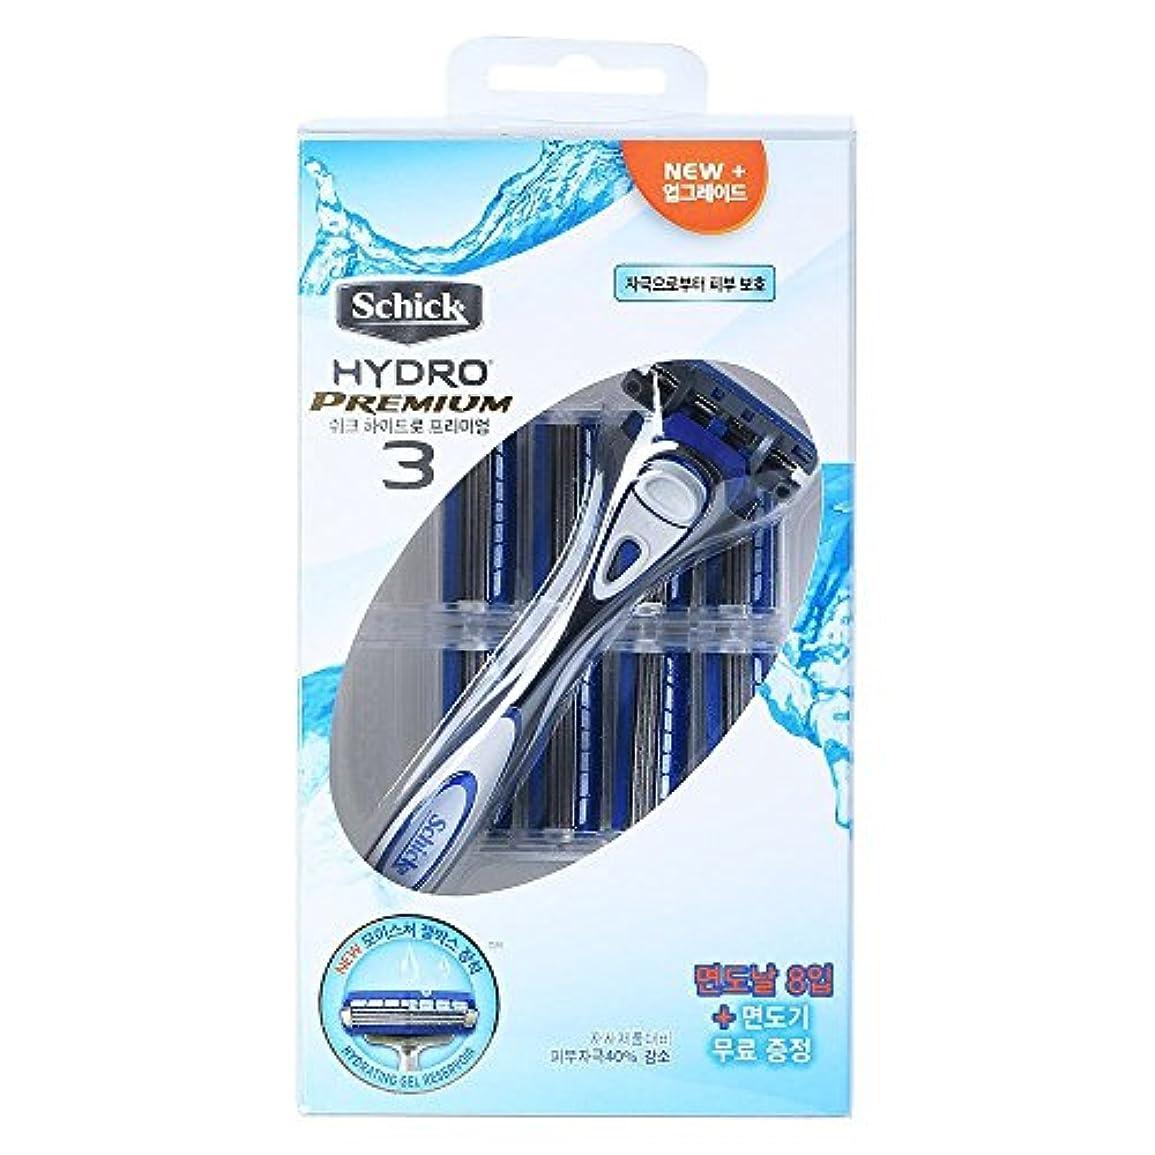 進化恐れる遡るSchick HYDRO 3 Premium Shaving 1つの剃刀と9つのカートリッジリフィル [並行輸入品]